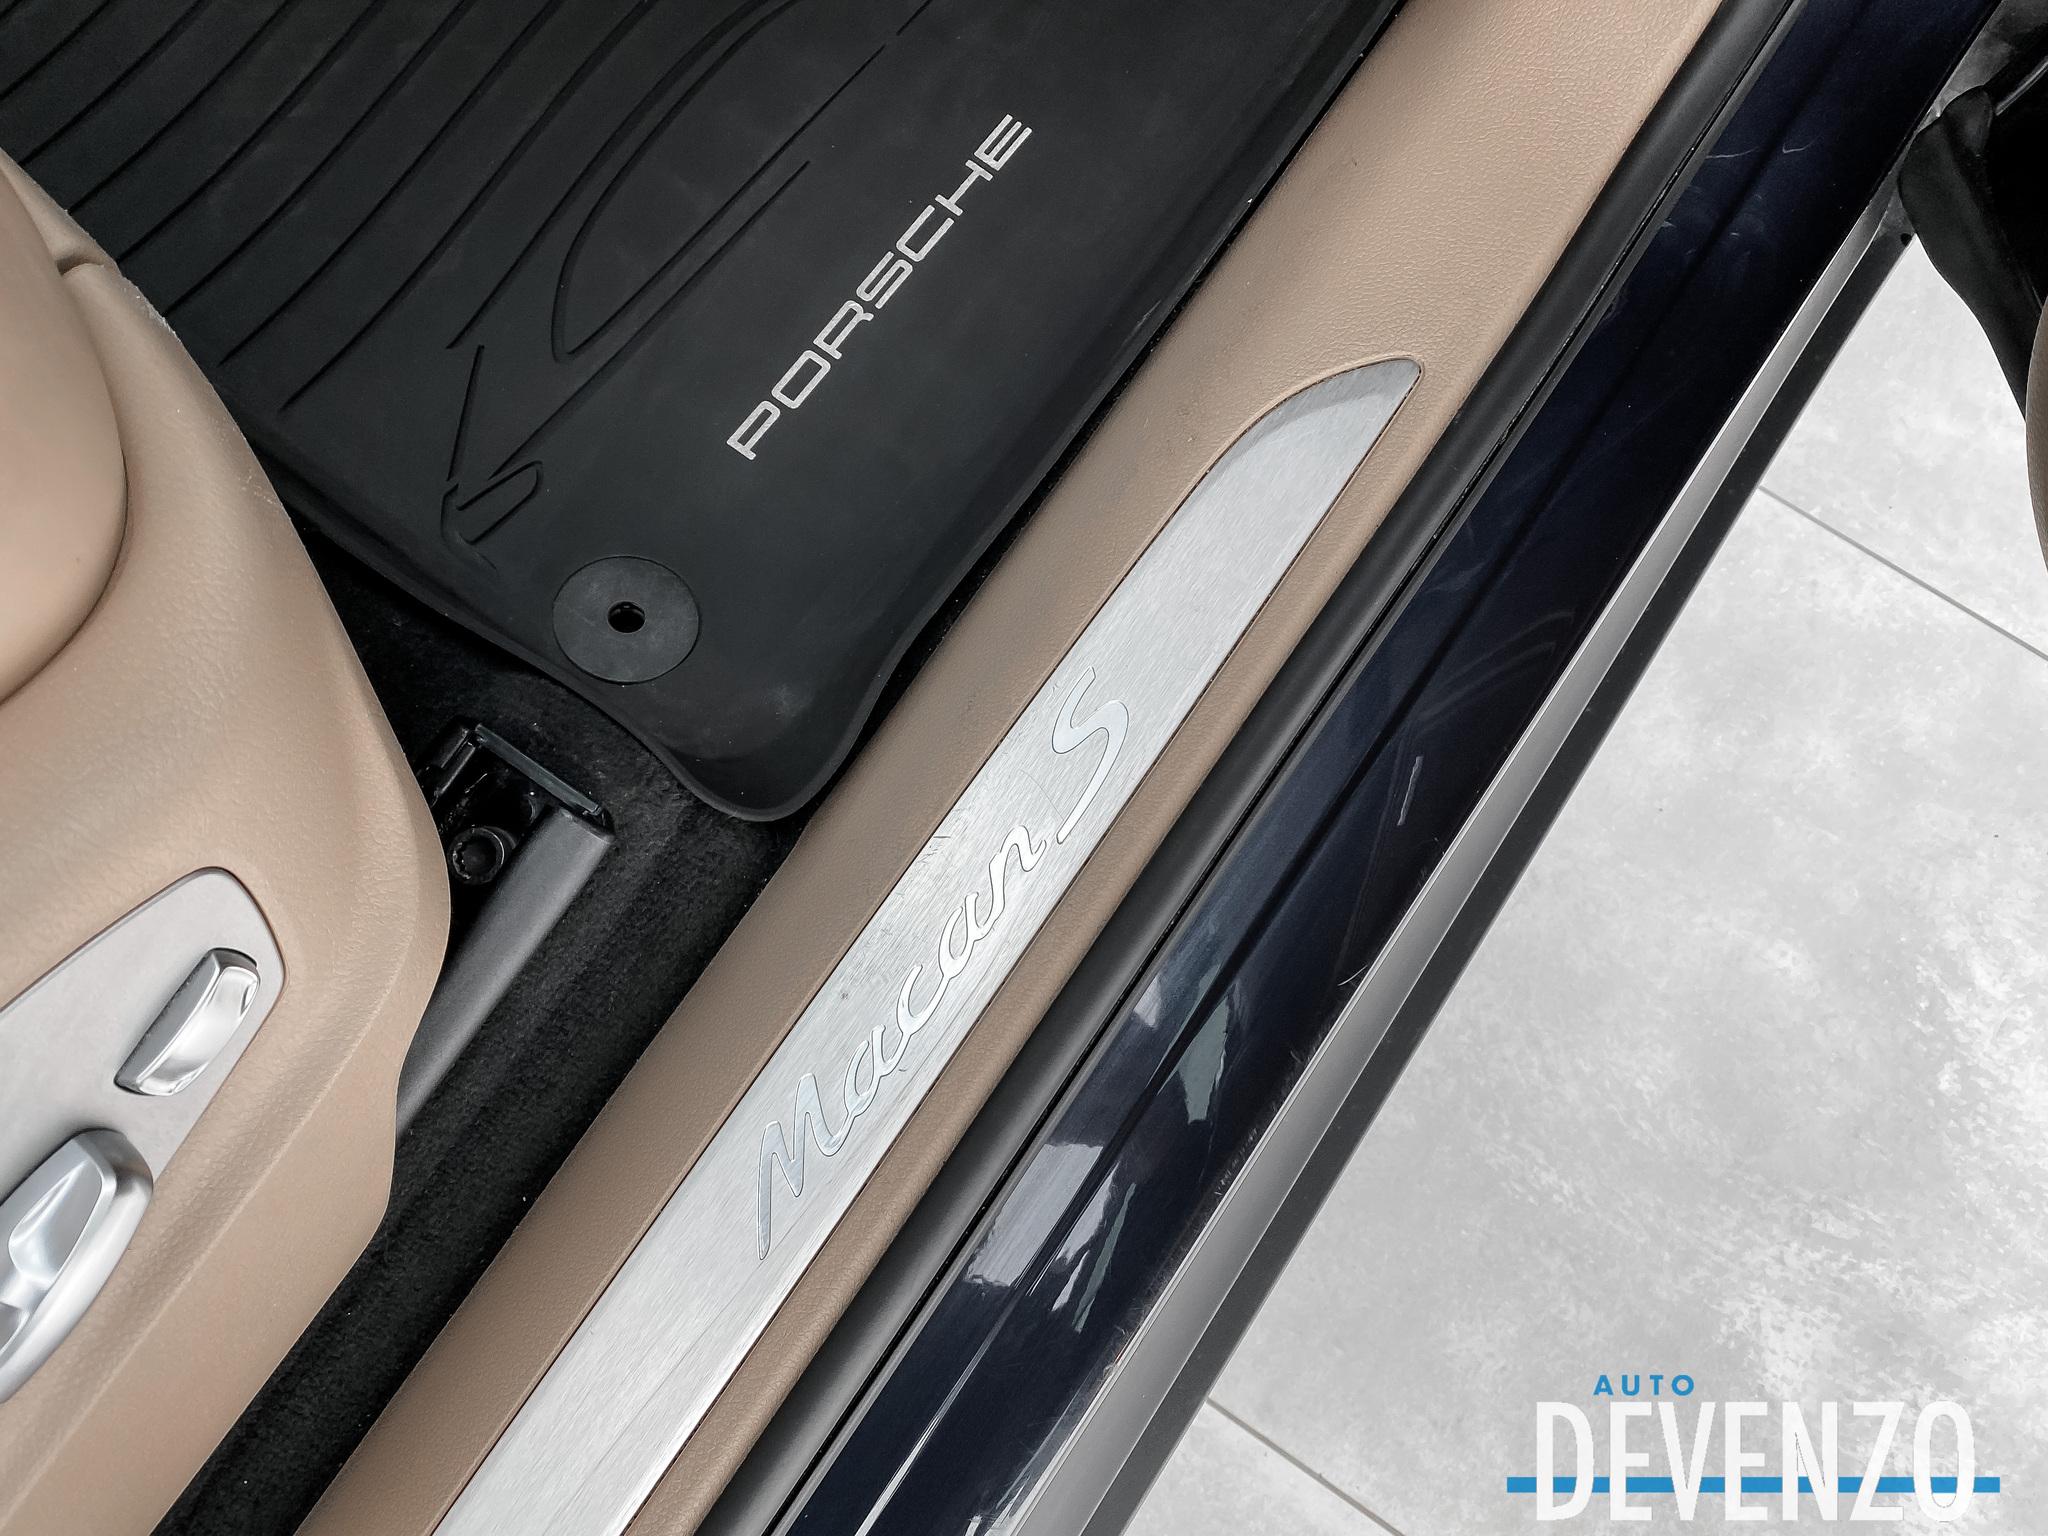 2018 Porsche Macan S AWD 340HP Premium Plus / Garantie 04/2022 complet